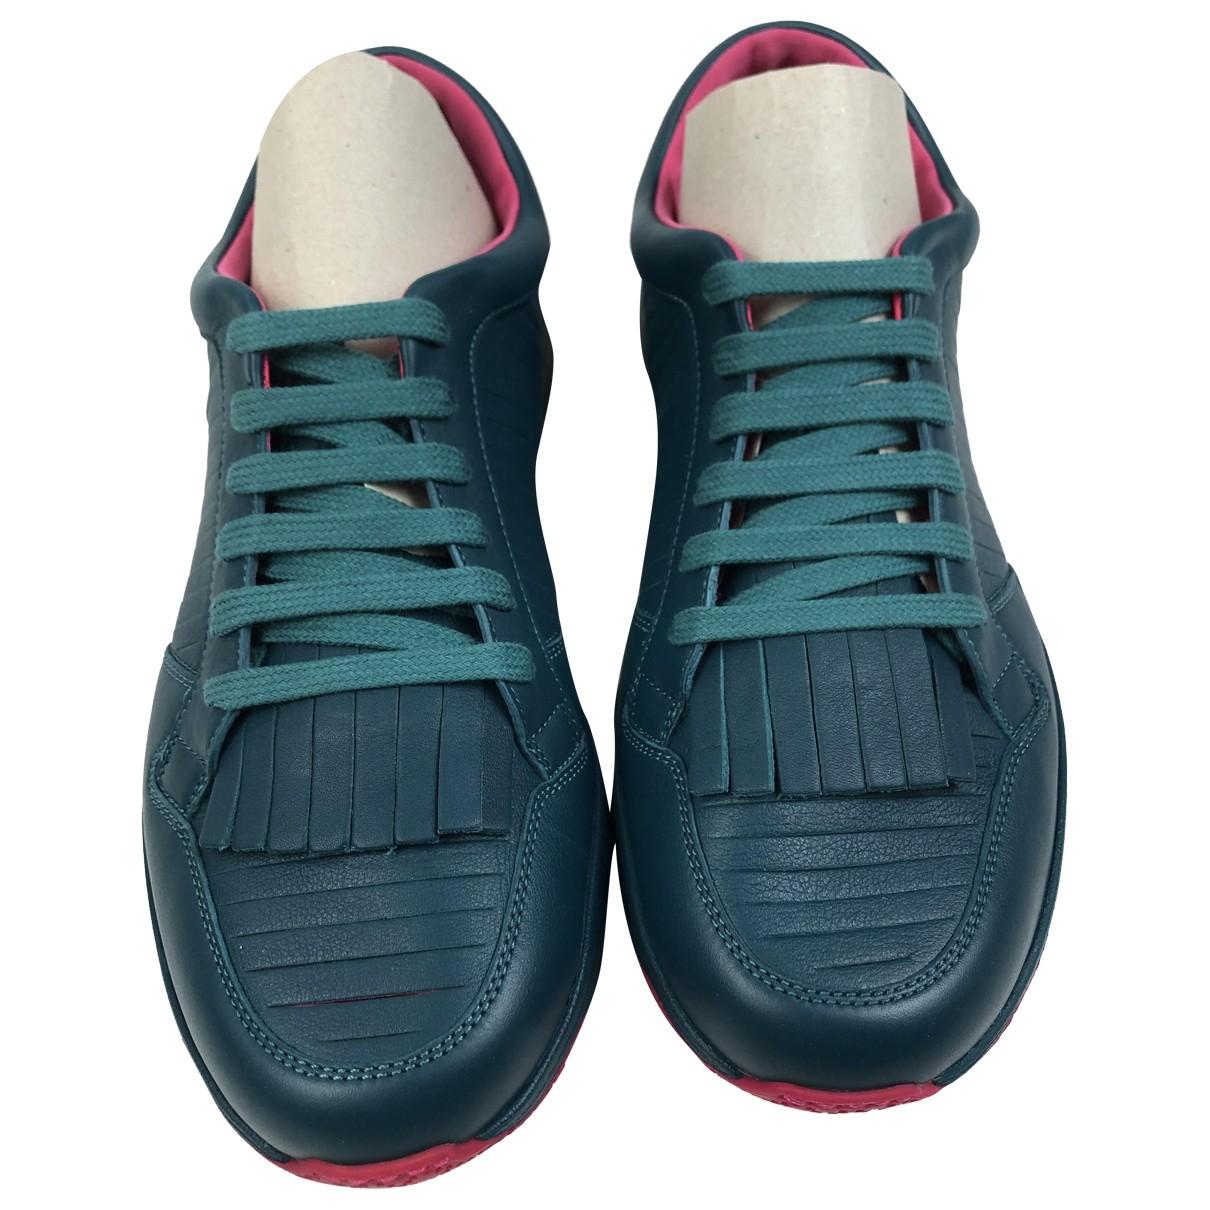 Gucci - Baskets   pour homme en cuir - turquoise